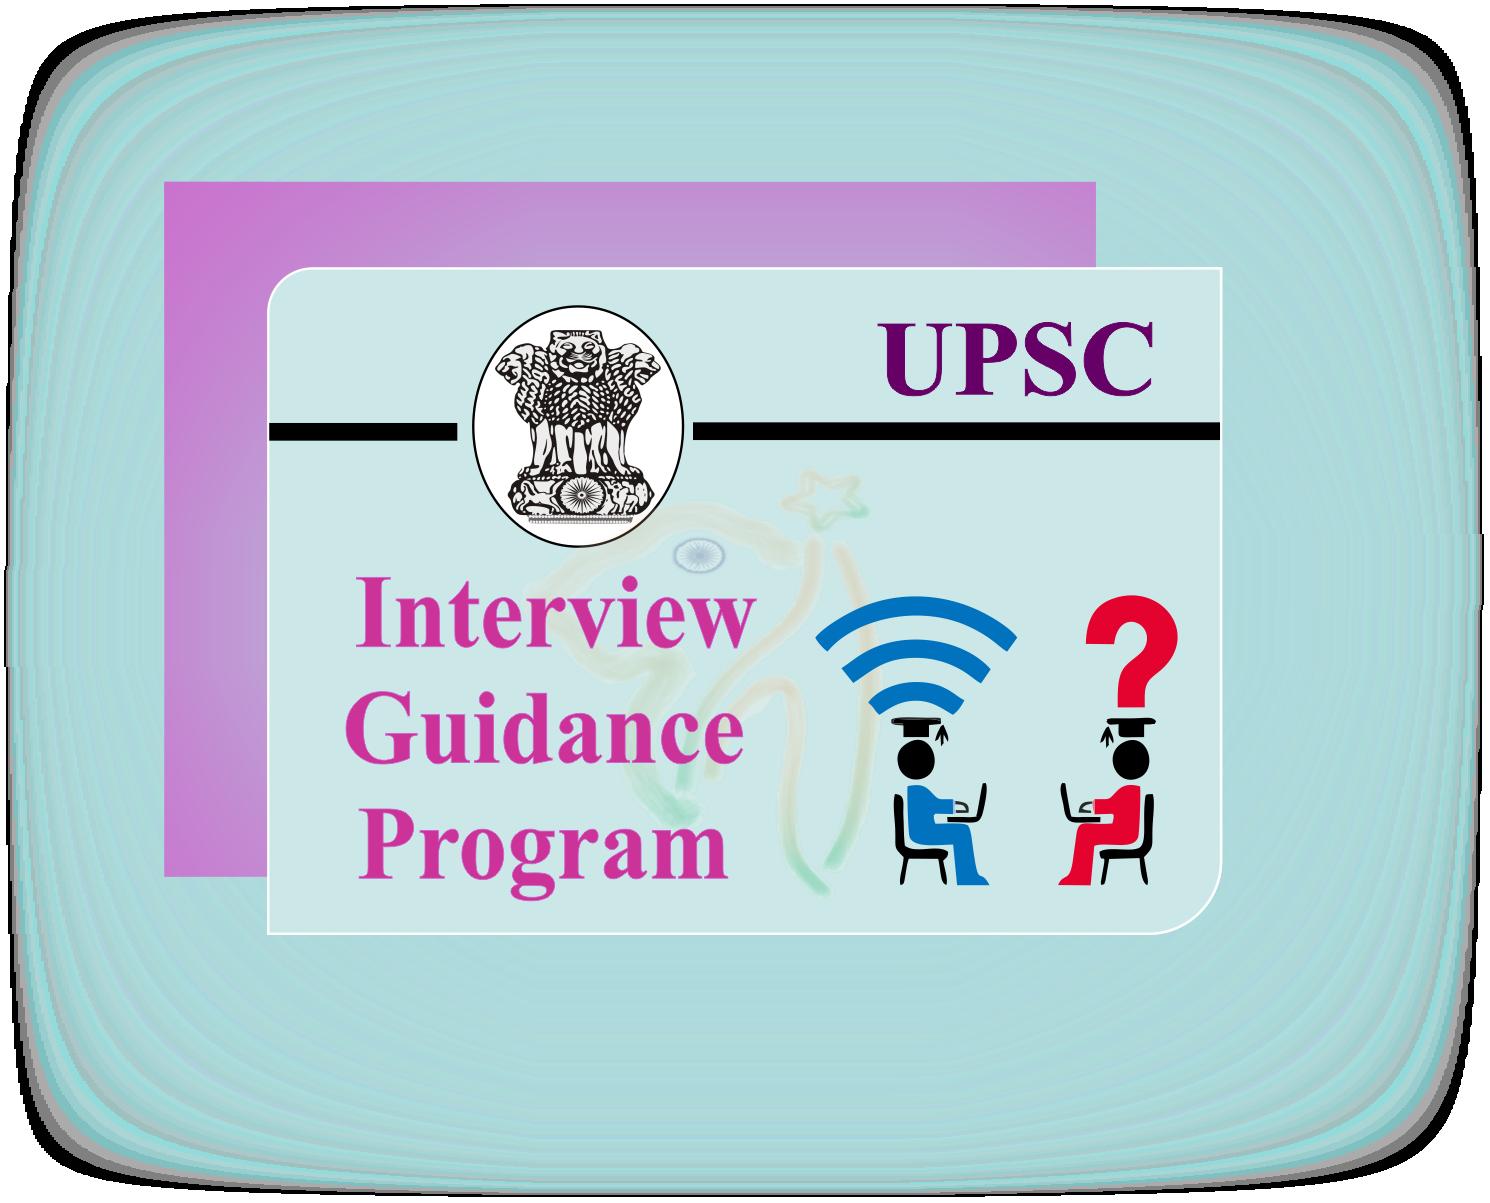 UPSC Interview Guidance Program